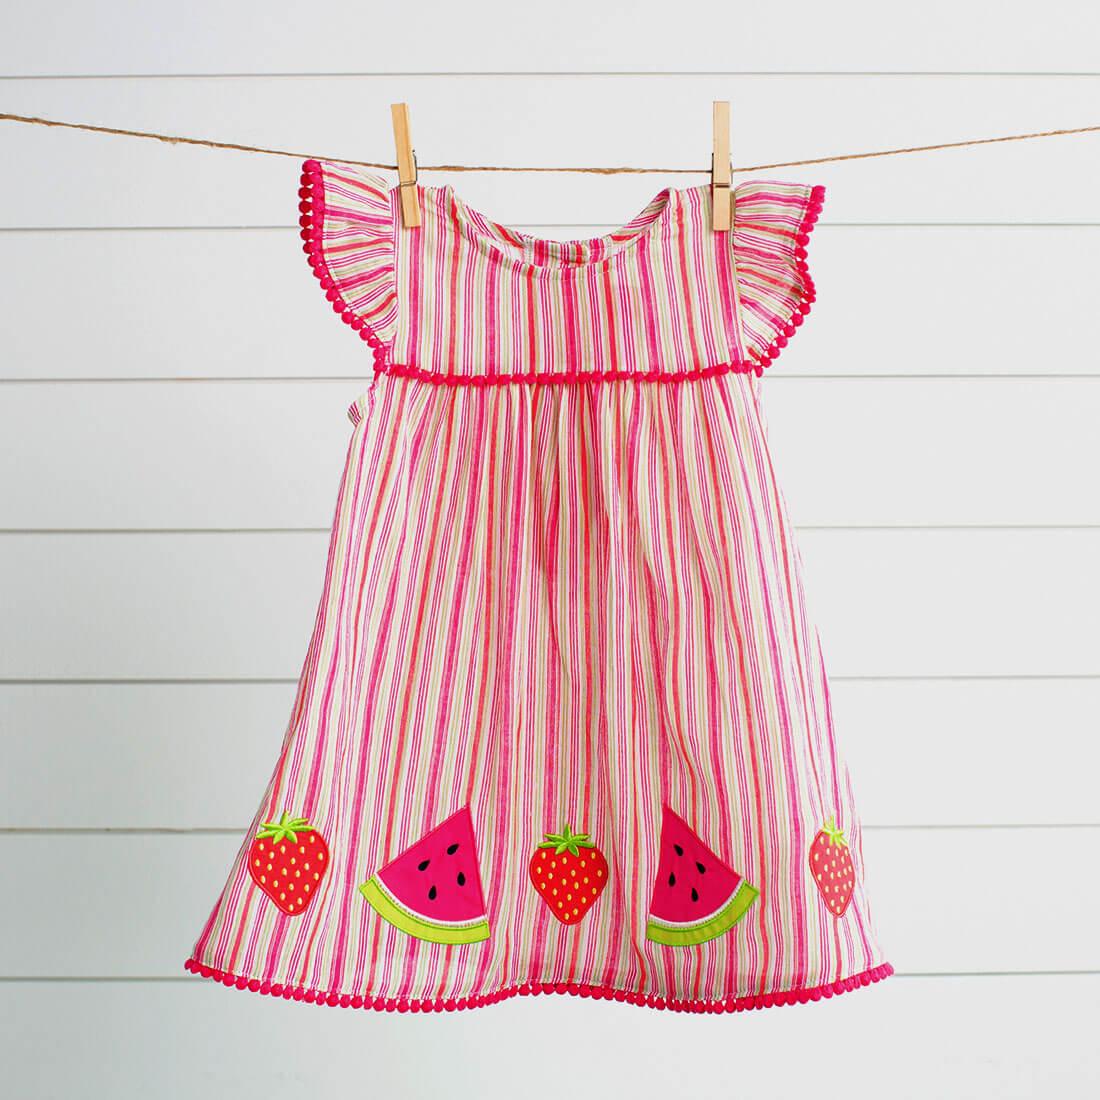 Striped Applique Dress